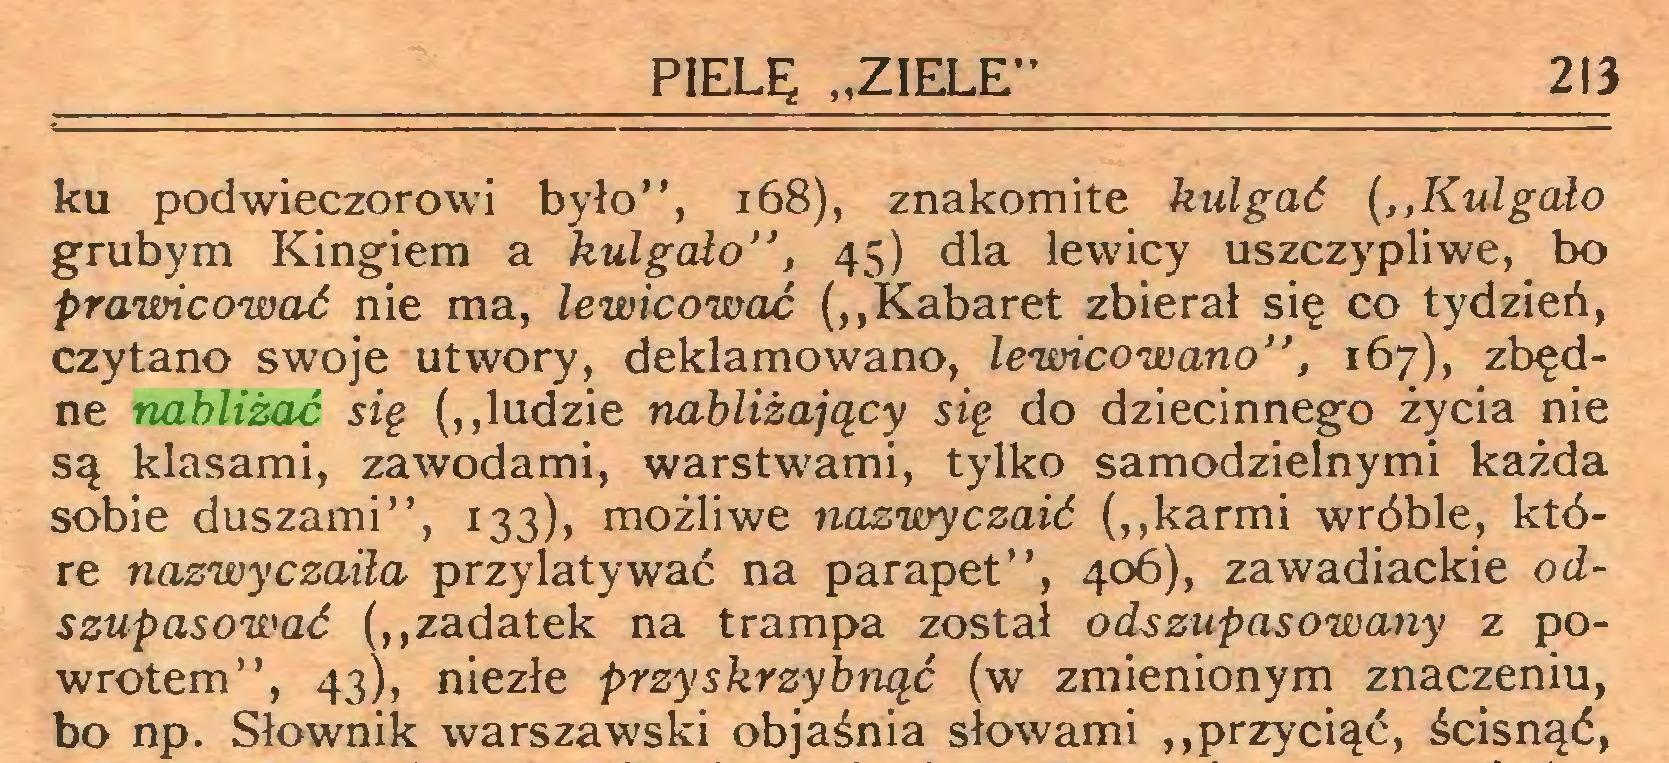 """(...) PIELĘ """"ZIELE"""" 213 ku podwieczorowi było"""", 168), znakomite kulgaó (,,Kulgało grubym Kingiem a kulgało"""", 45) dla lewicy uszczypliwe, bo prawicować nie ma, lewicować (,,Kabaret zbierał się co tydzień, czytano swoje utwory, deklamowano, lewicowano"""", 167), zbędne nabliżać się (,,ludzie nabliżający się do dziecinnego życia nie są klasami, zawodami, warstwami, tylko samodzielnymi każda sobie duszami"""", 133), możliwe nazwy czaić (,, karmi wróble, które nazwyczaiła przylatywać na parapet"""", 406), zawadiackie odszupasować (,,zadatek na trampa został odszupasowany z powrotem"""", 43), niezłe przyskrzybnąć (w zmienionym znaczeniu, bo np. Słownik warszawski objaśnia słowami ,,przyciąć, ścisnąć,..."""